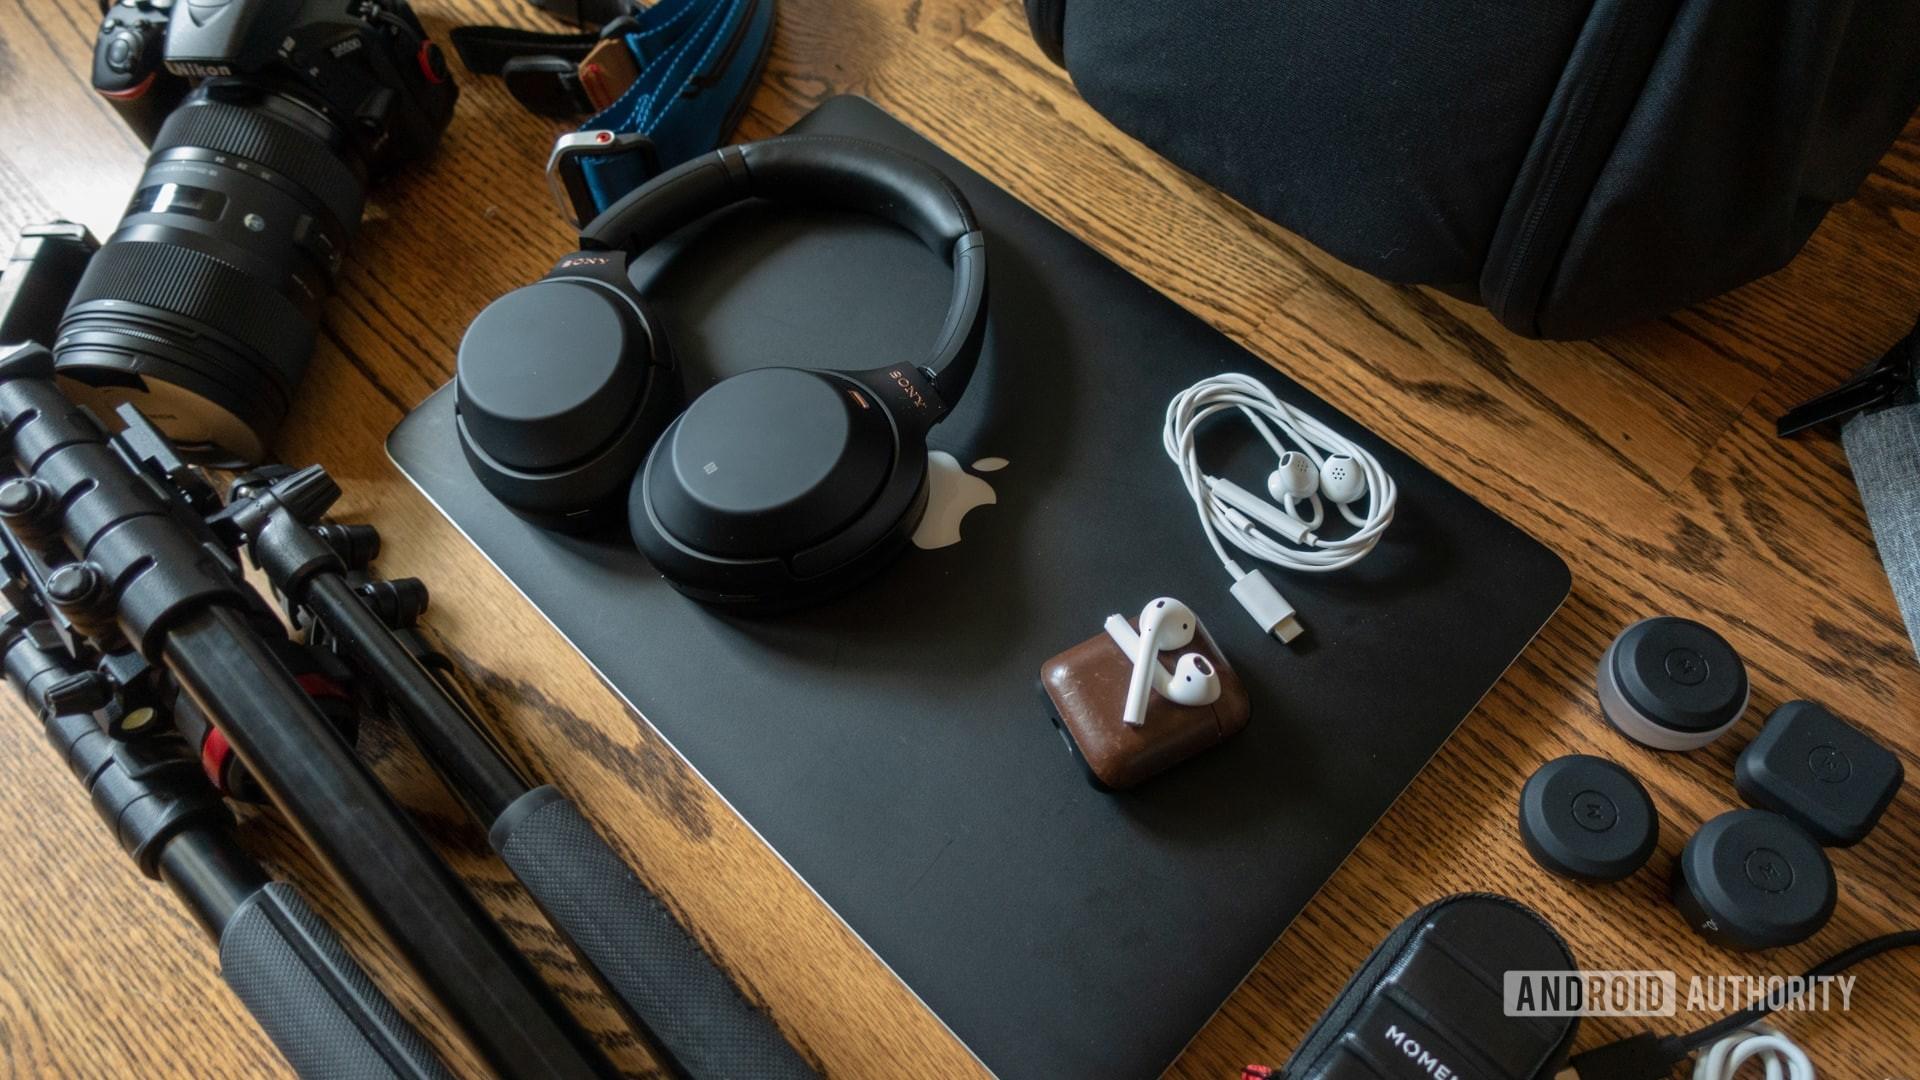 Justin Duino Google I/O 2019 Bag Audio Equipment